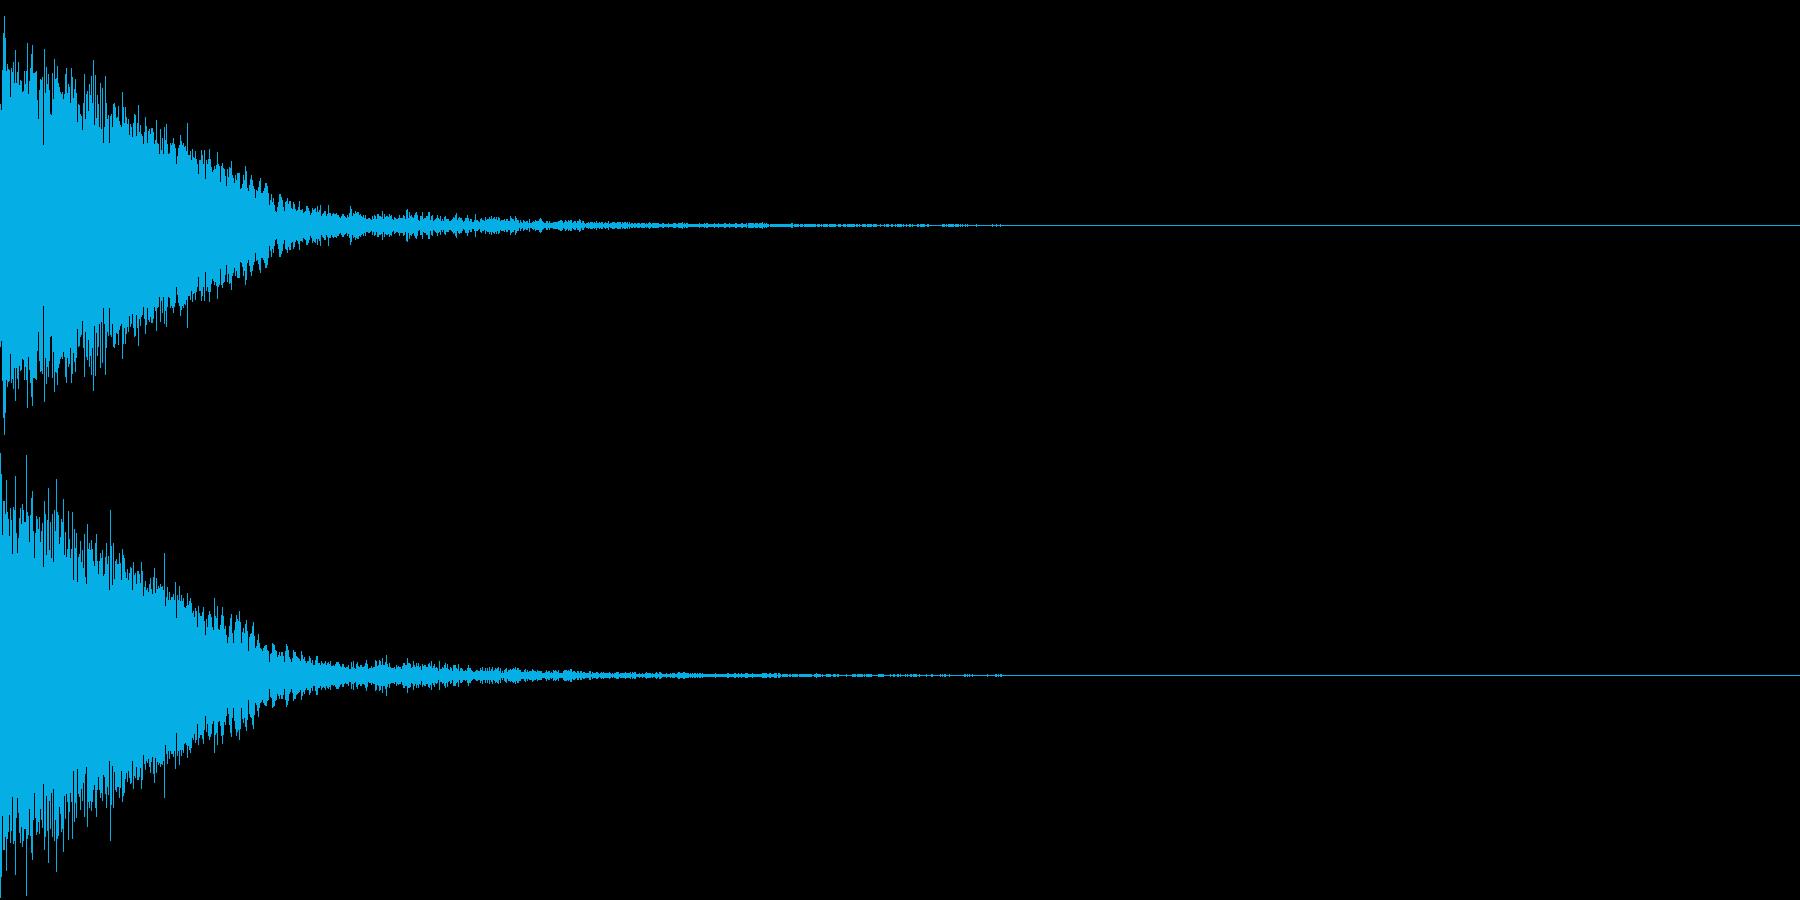 刀 剣 カキーン シャキーン 目立つ16の再生済みの波形